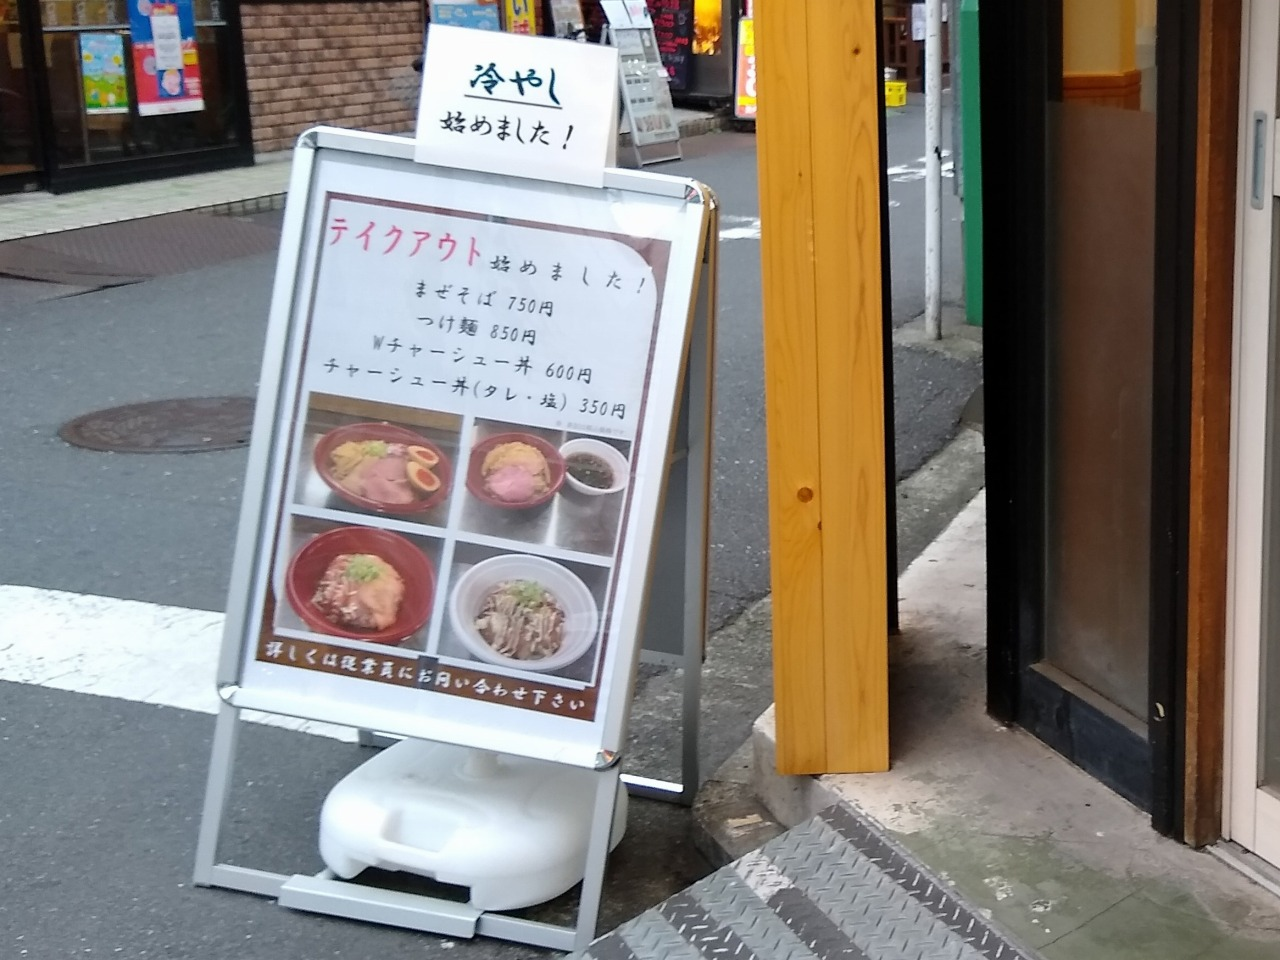 冷やしグルメ 麺処琥珀